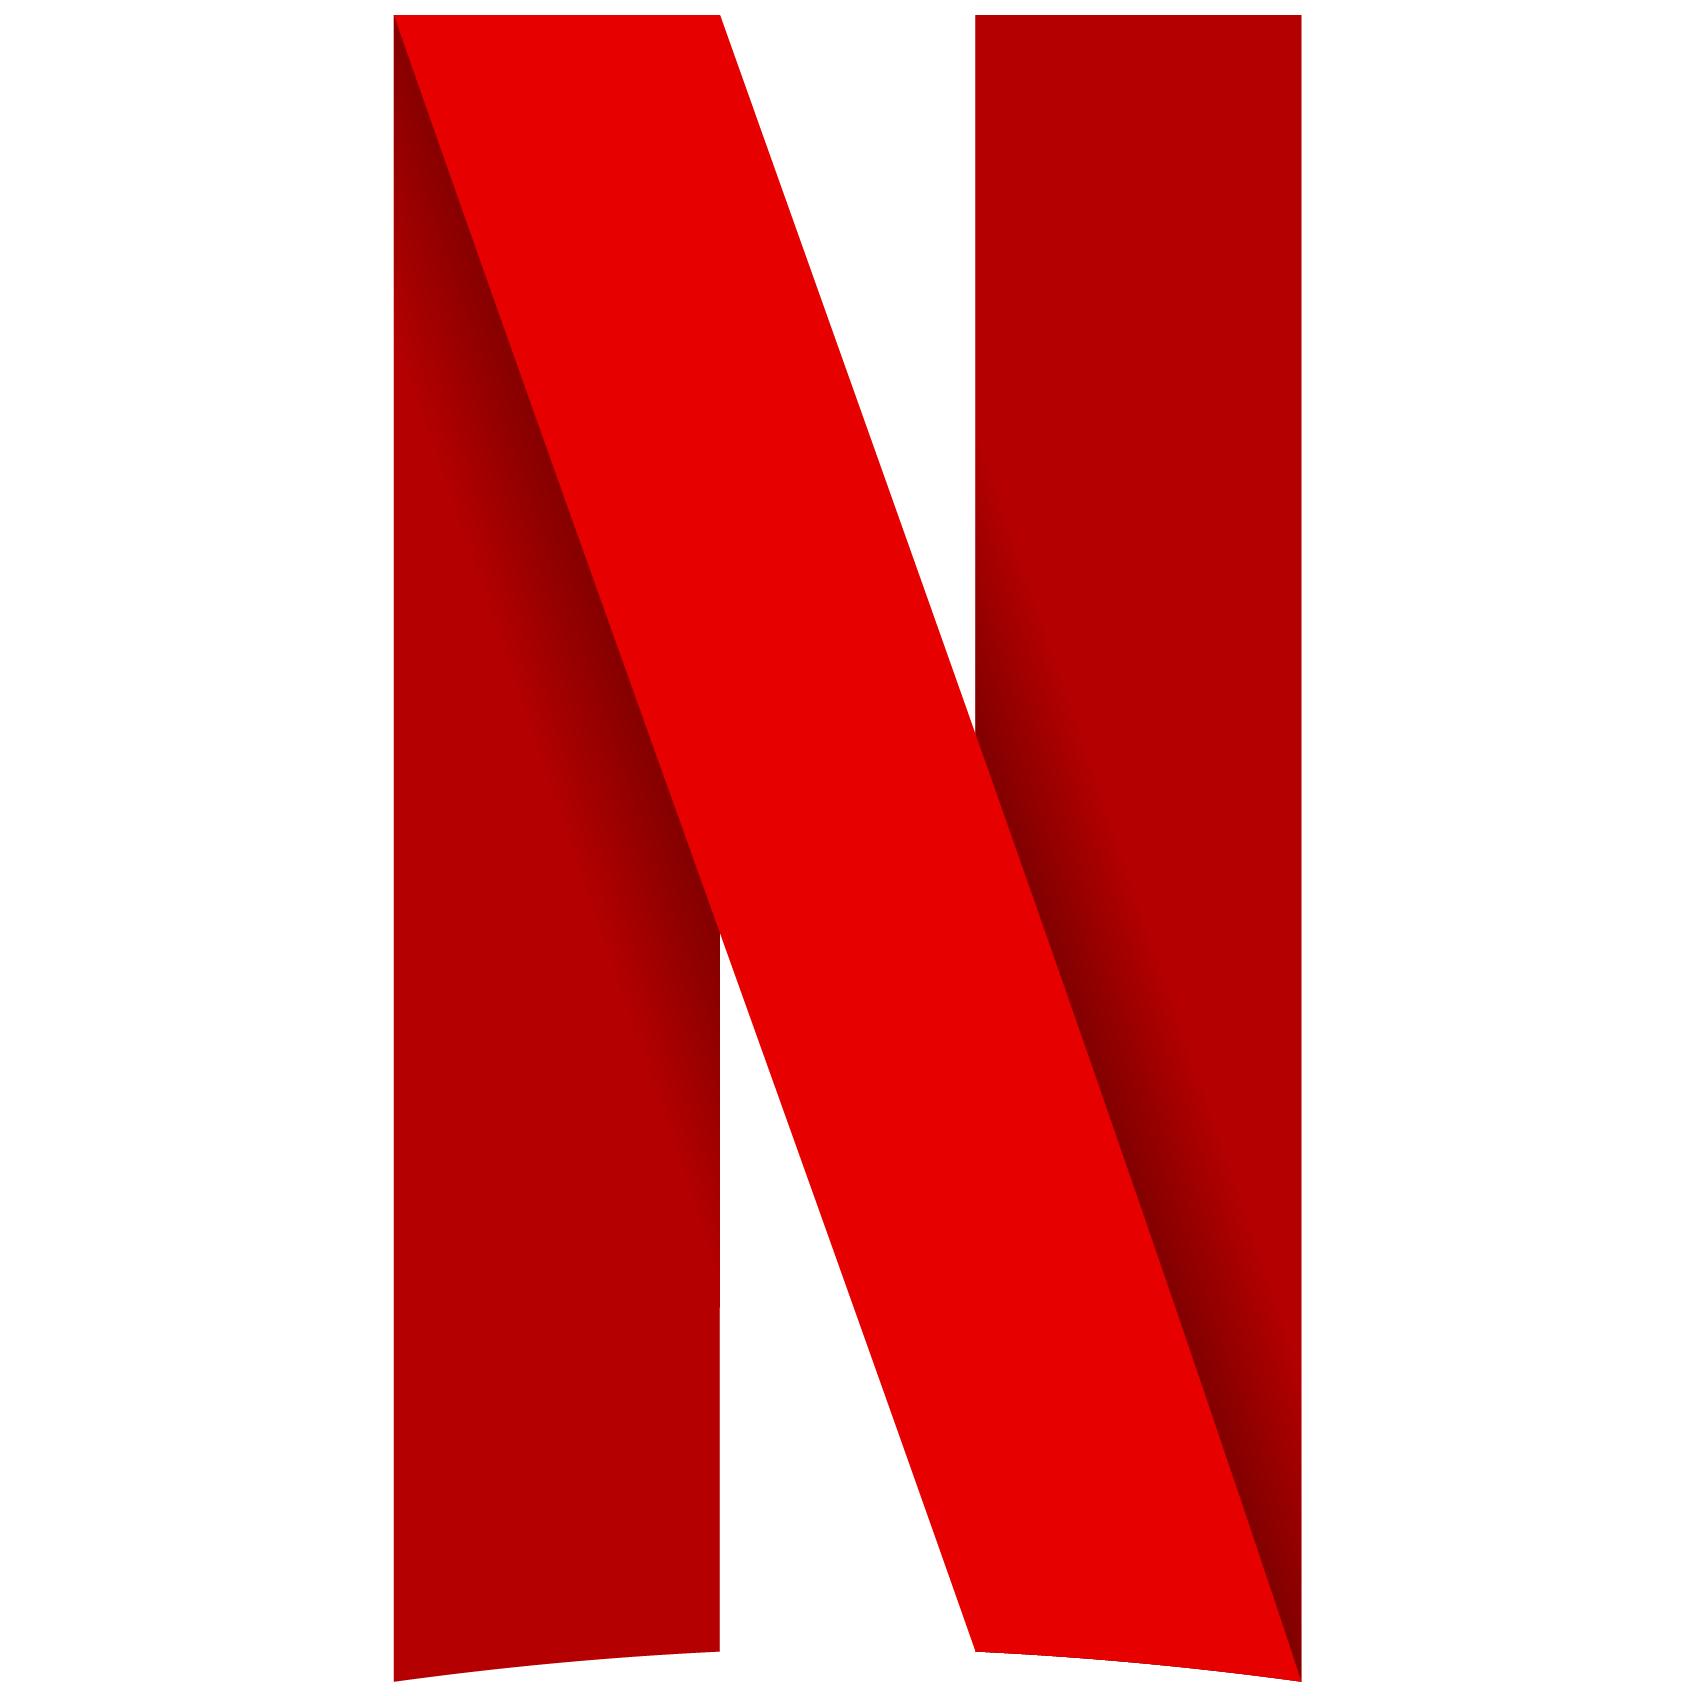 netflix teste la publicit233 entre deux 233pisodes